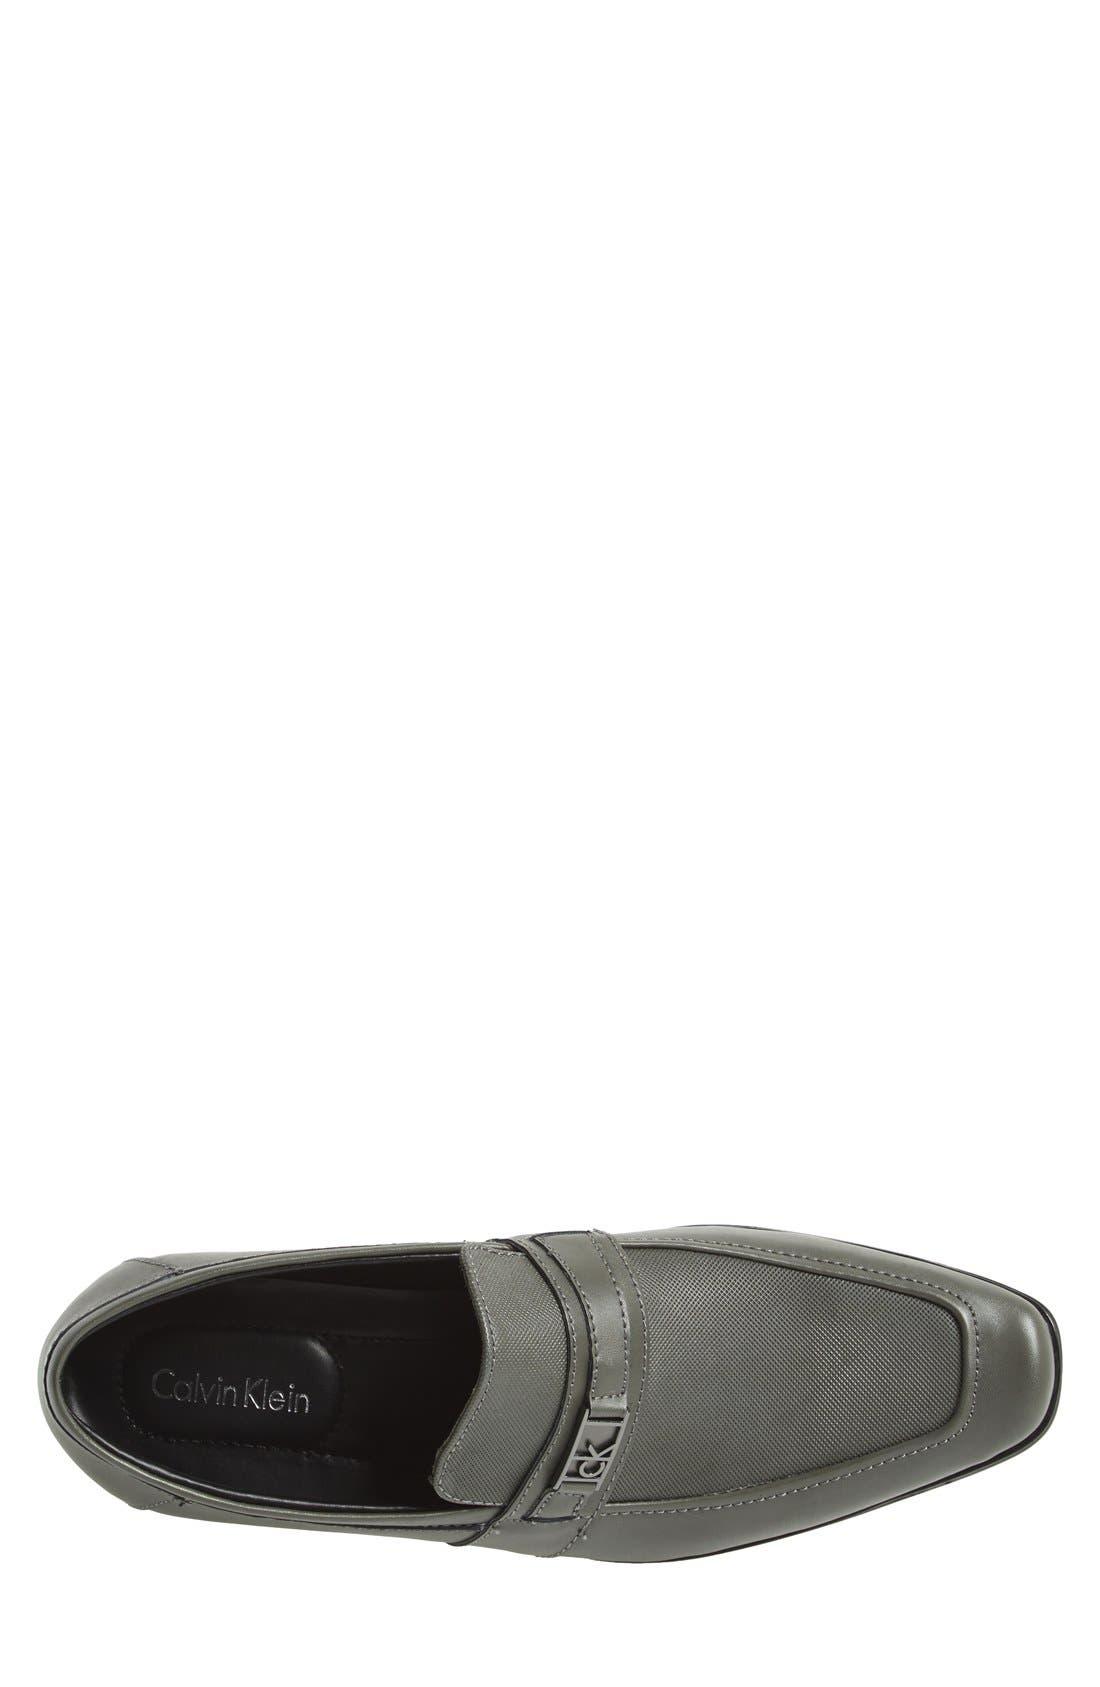 Alternate Image 3  - Calvin Klein 'Bartley' Bit Loafer (Men)